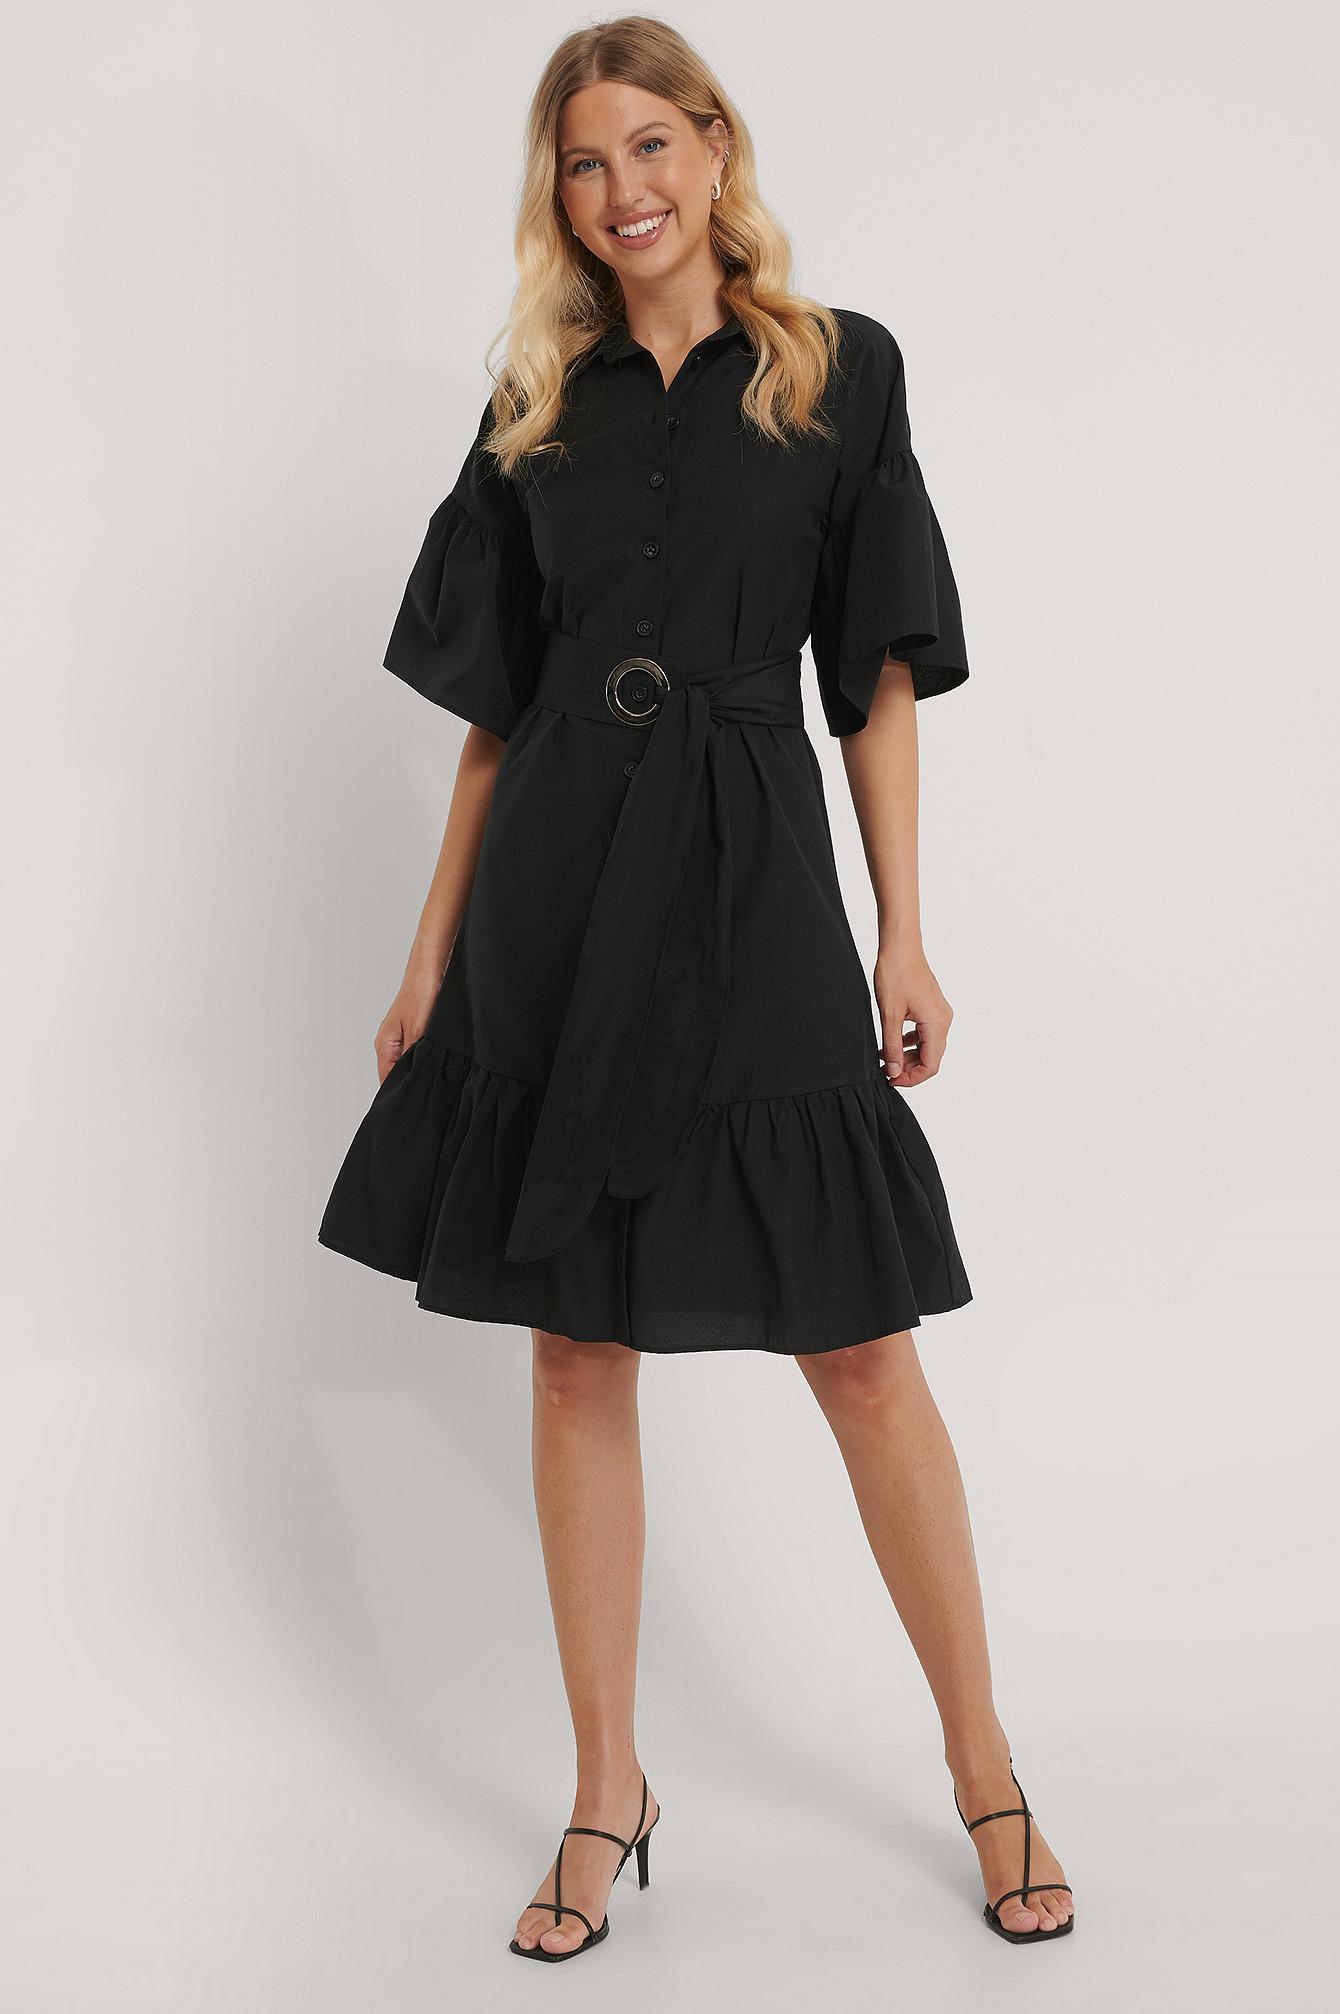 Trendyol Miniklänning I Skjortmodell Med Bälte - Black